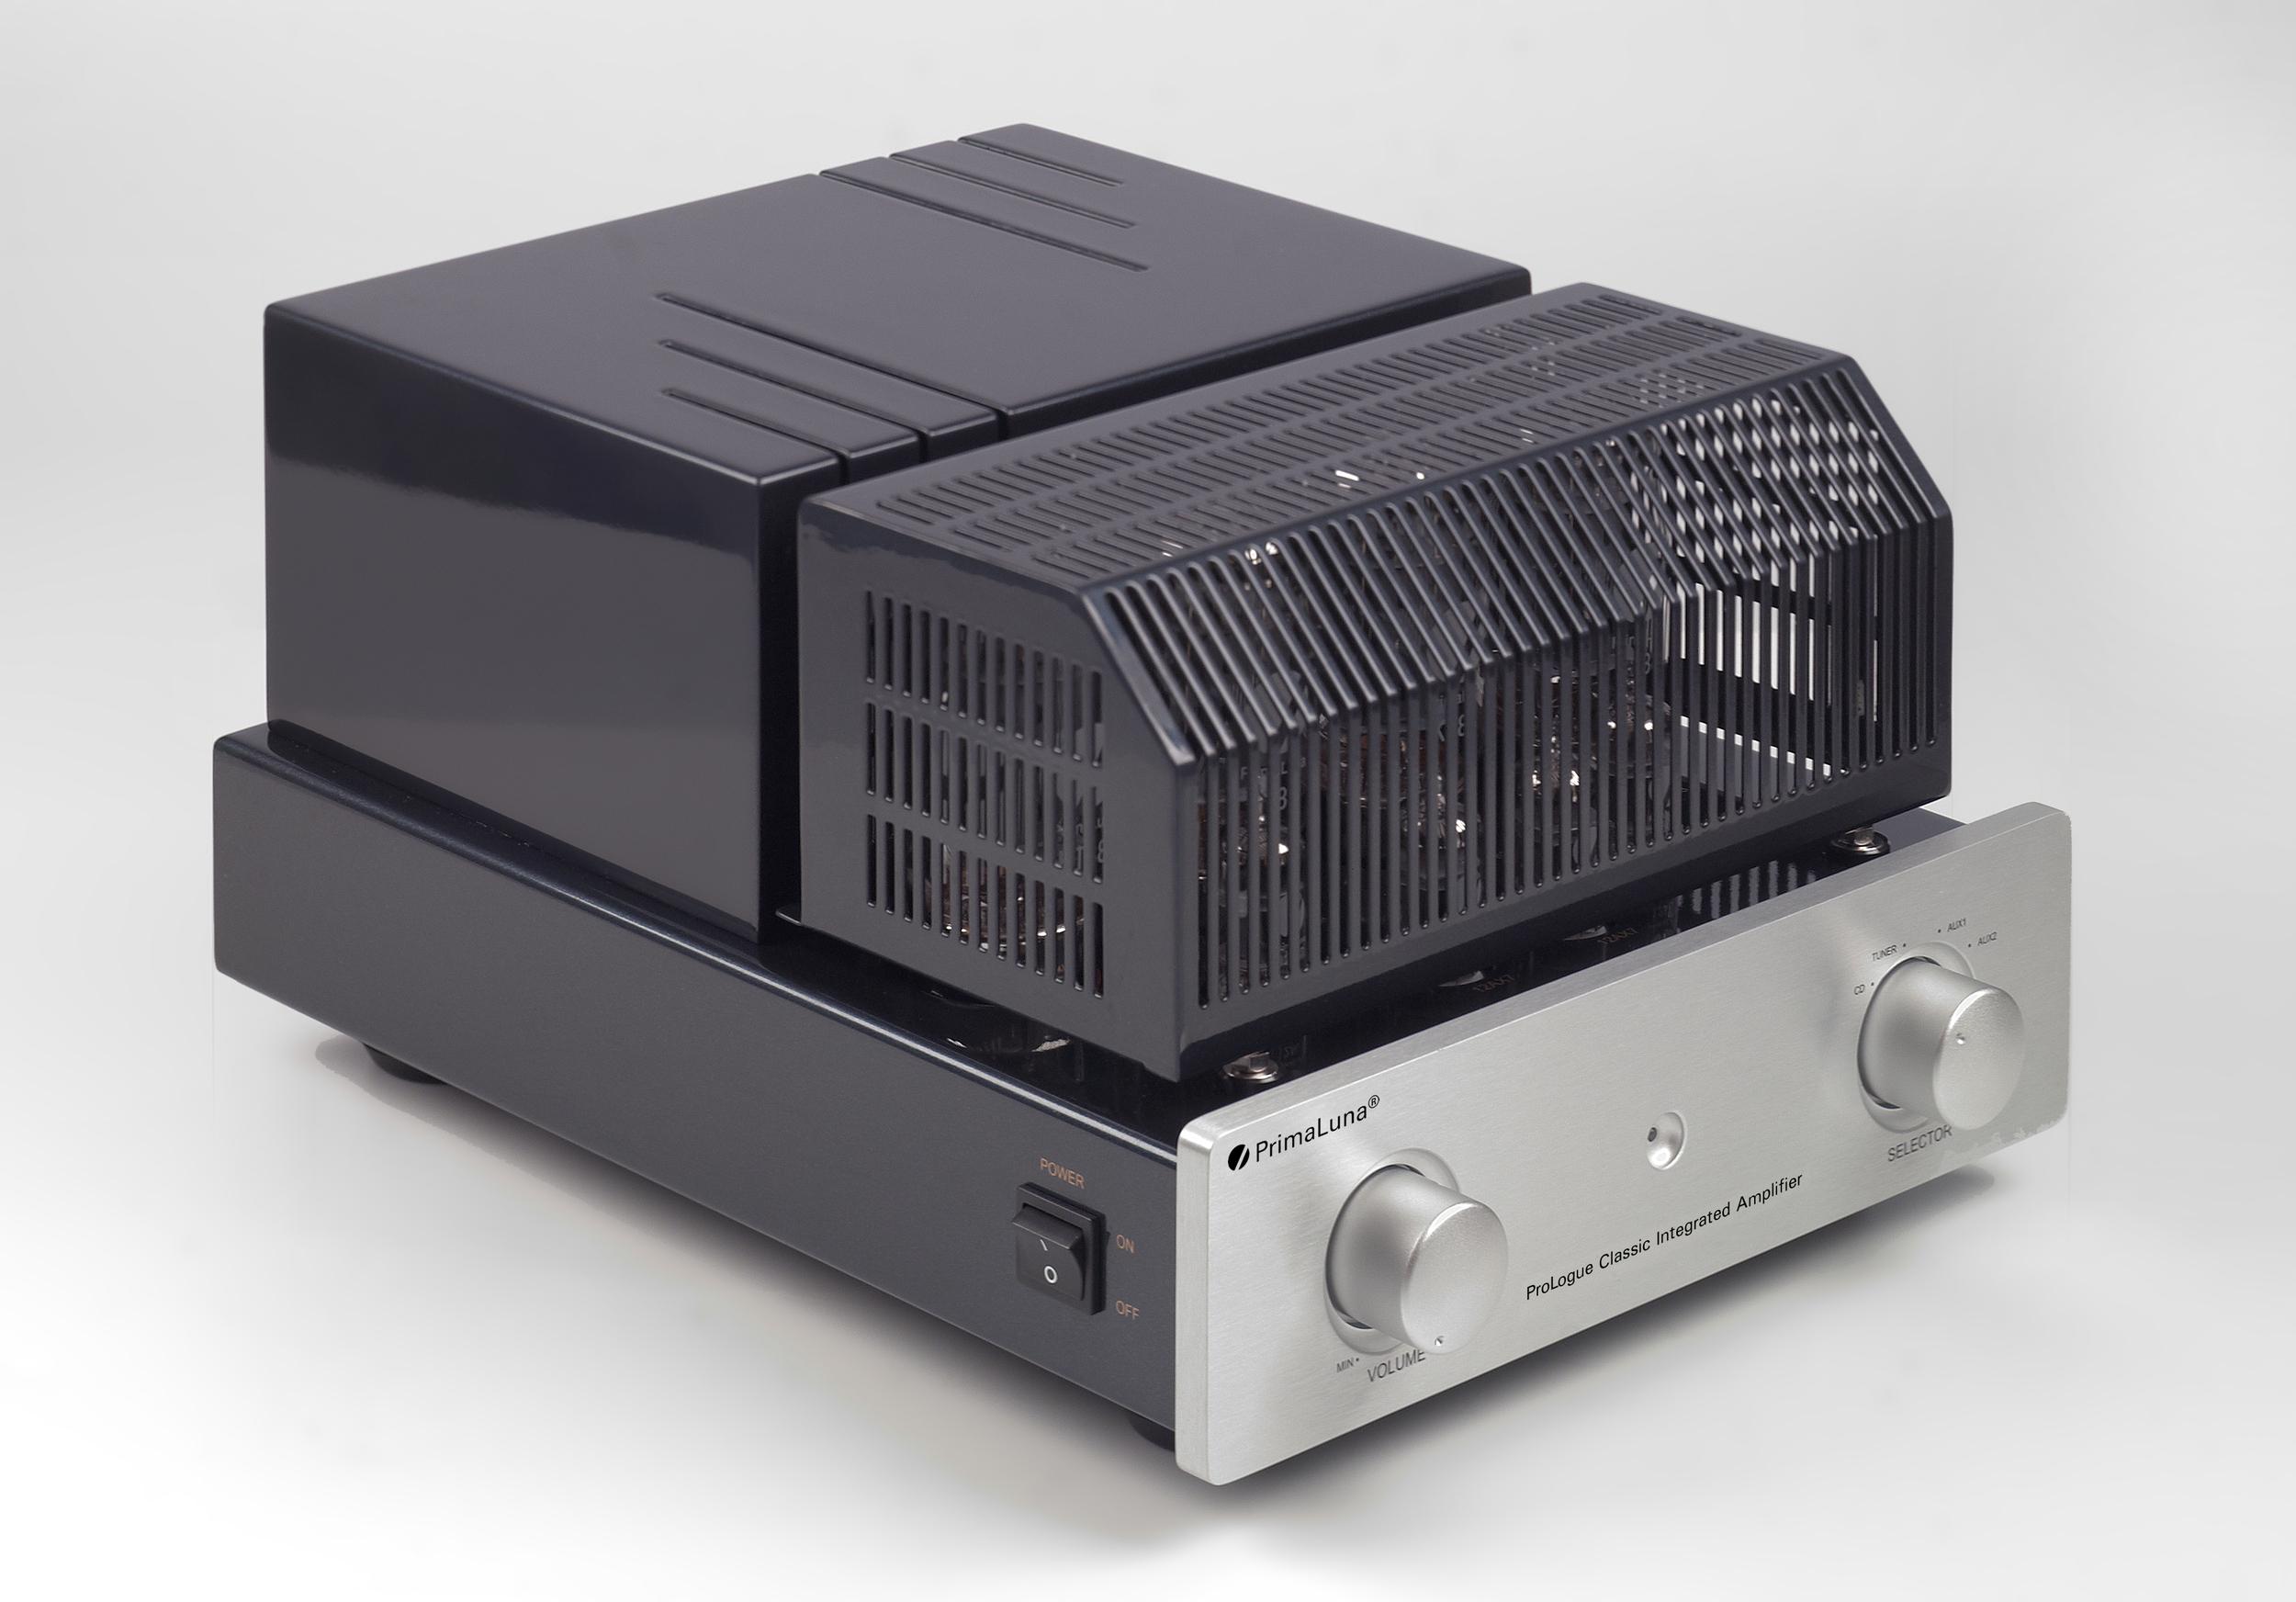 002-PrimaLuna Classic Integrated Amplifier-zilver.jpg